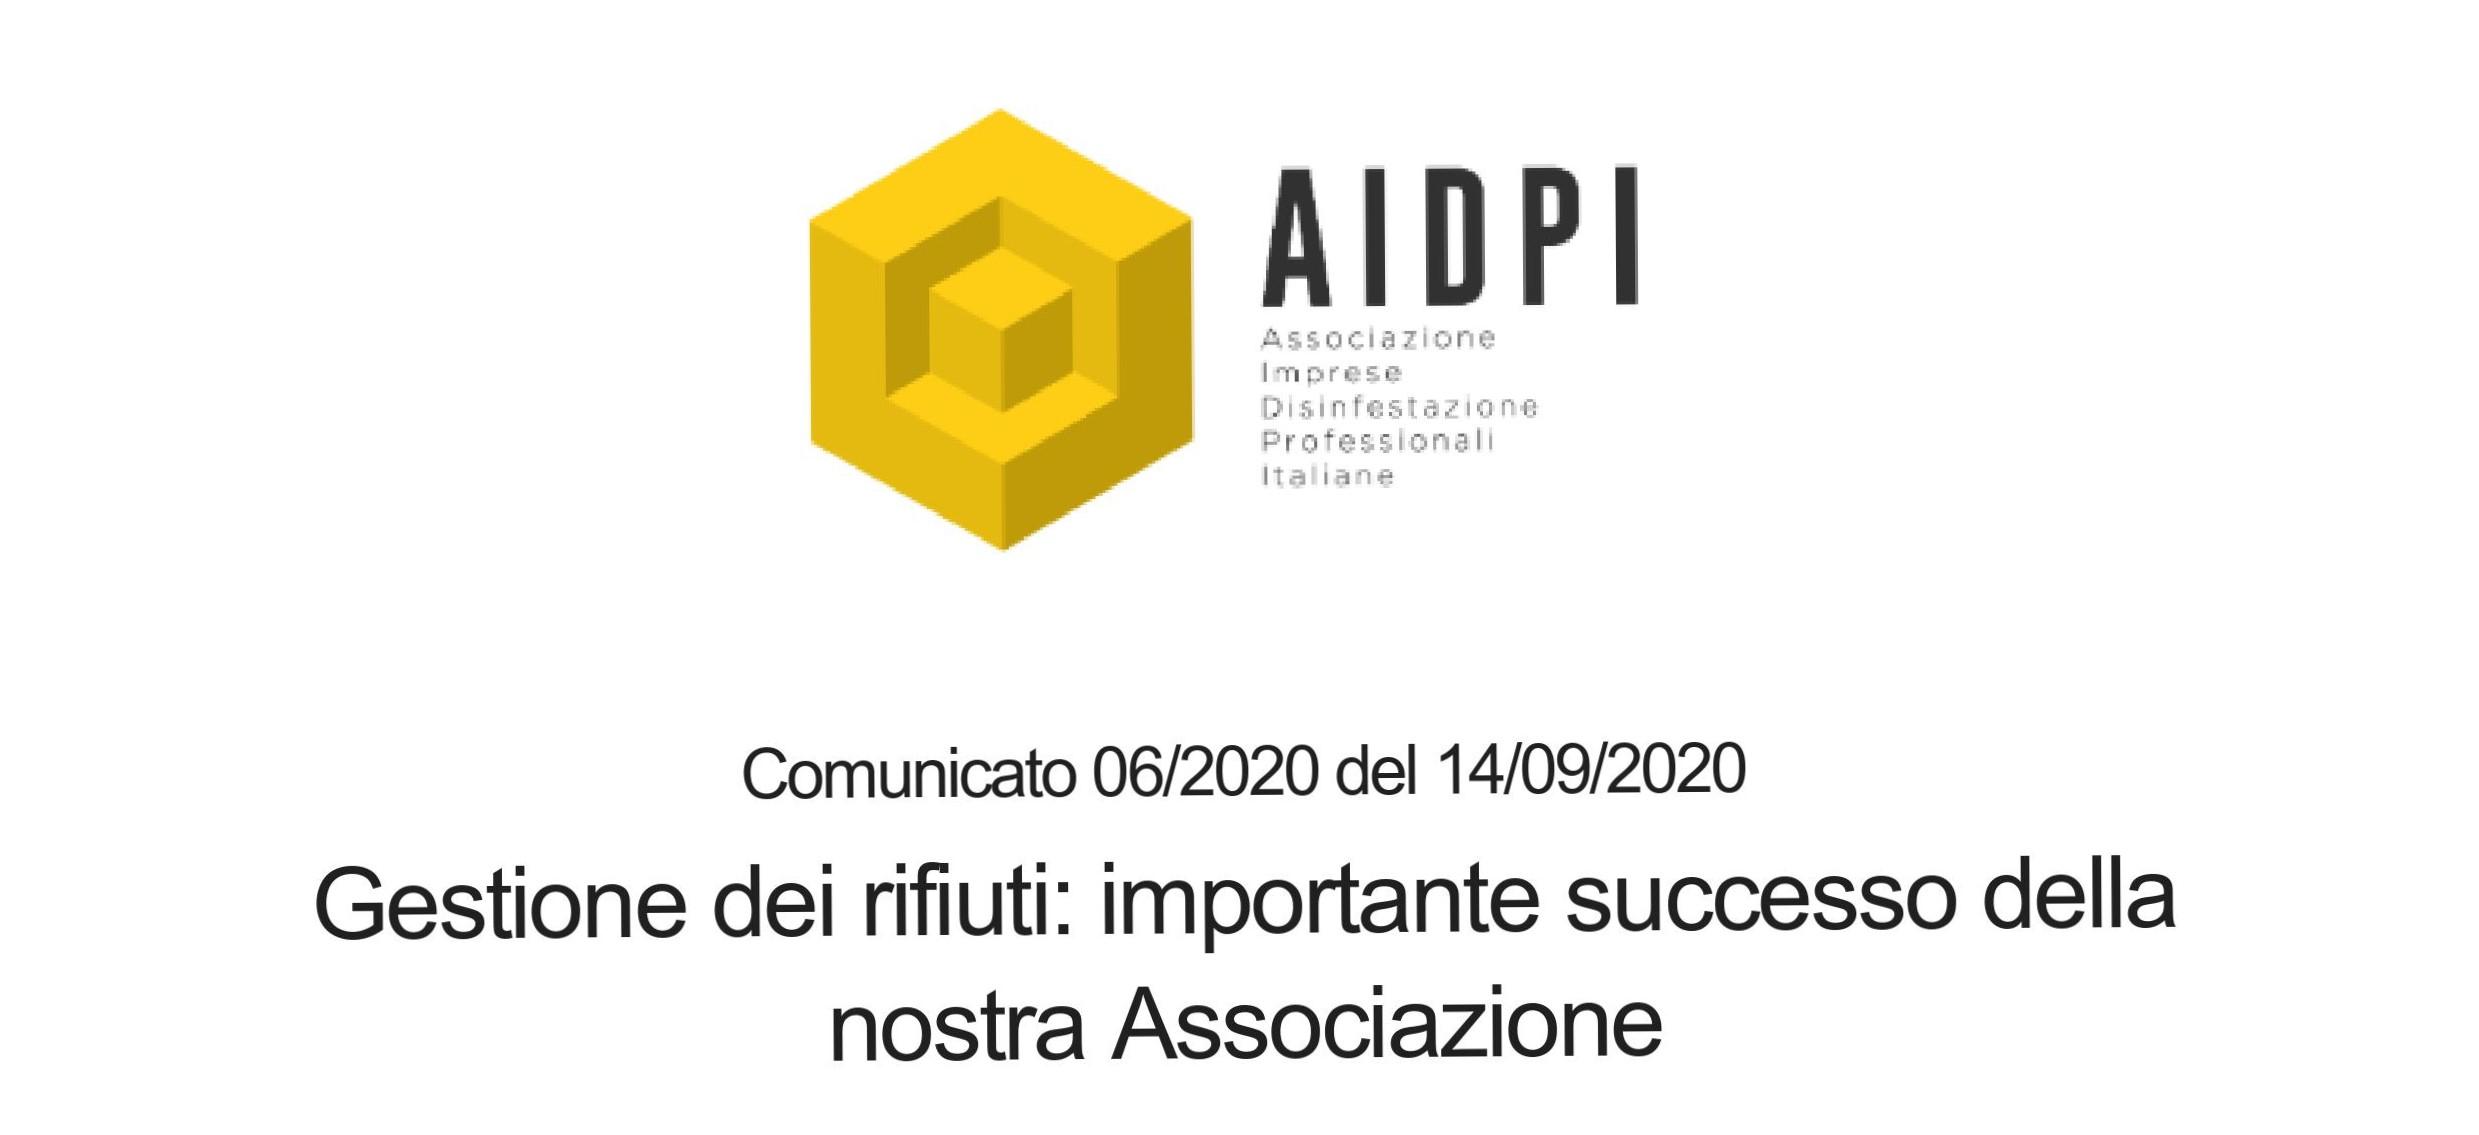 Importante successo ottenuto insieme ad AIDPI